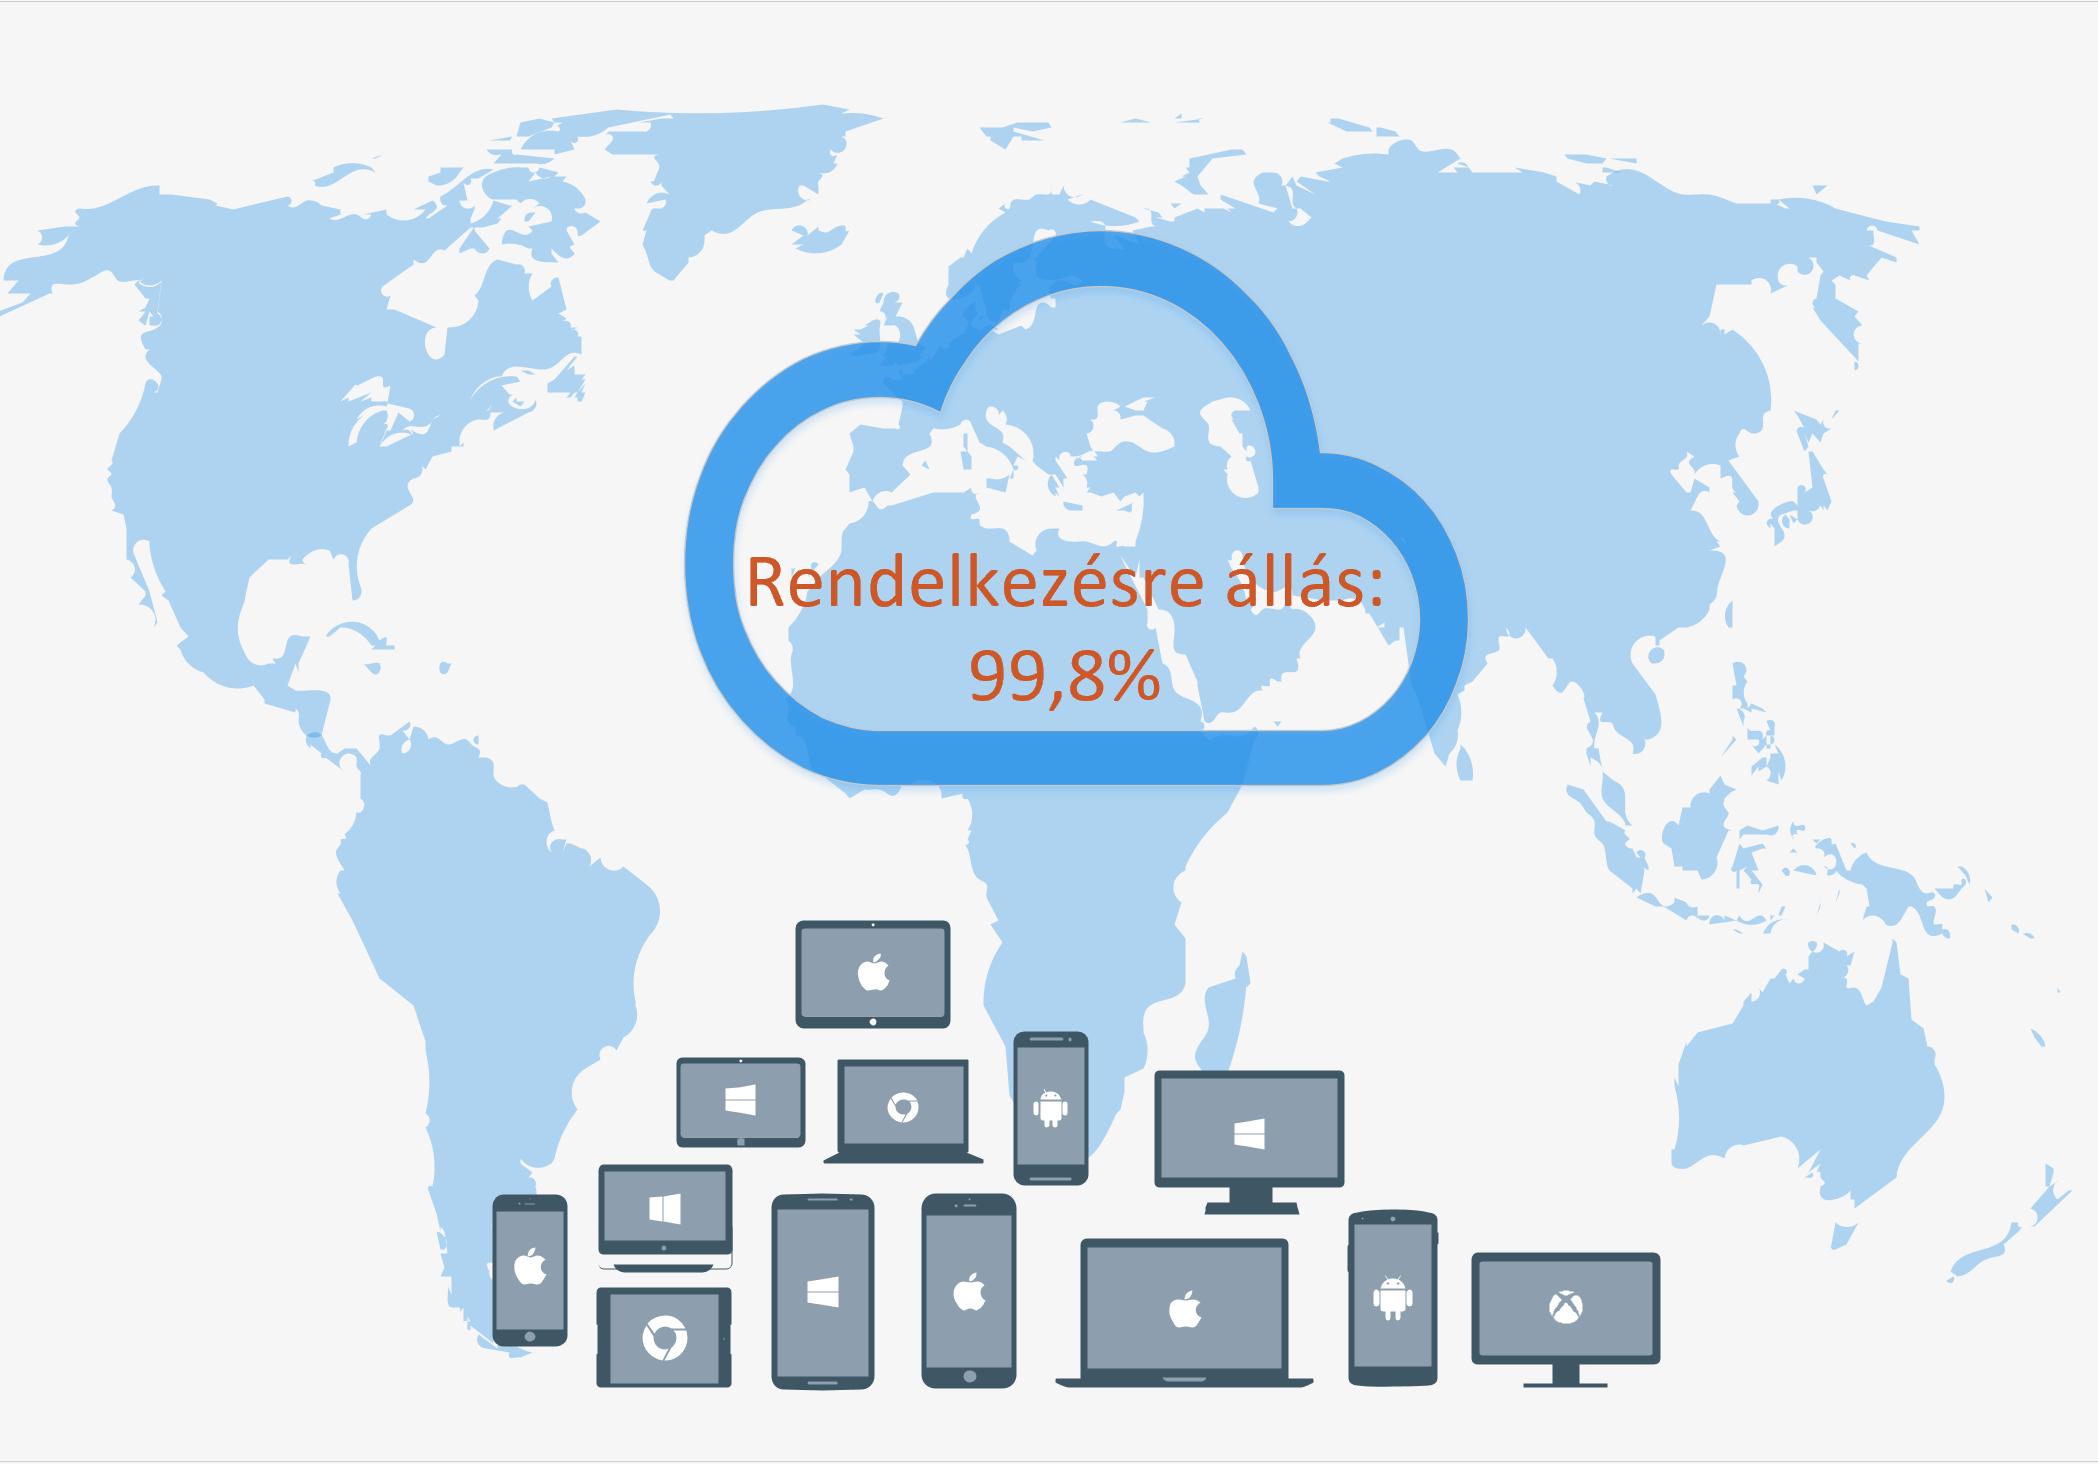 AdmiCloud rendelkezésre állás - 99,8%